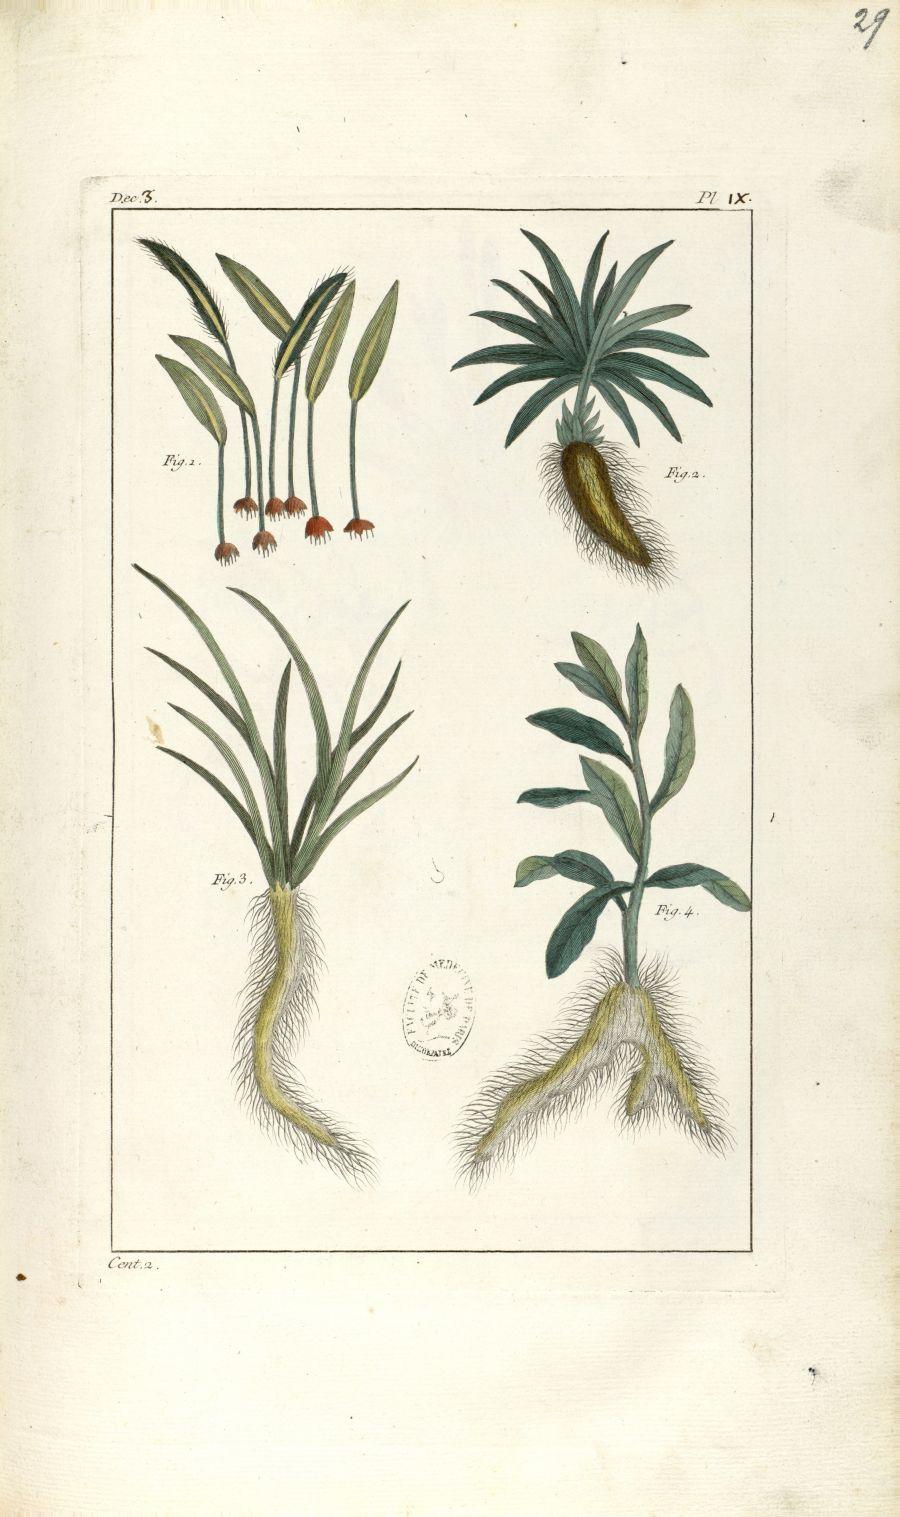 Planche IX. Dec. 3. Cent. 2 - Herbier ou collection des plantes médicinales de la Chine d'après un m [...] - Botanique. Plantes (médecine). Chine. 18e siècle - med01989x0032